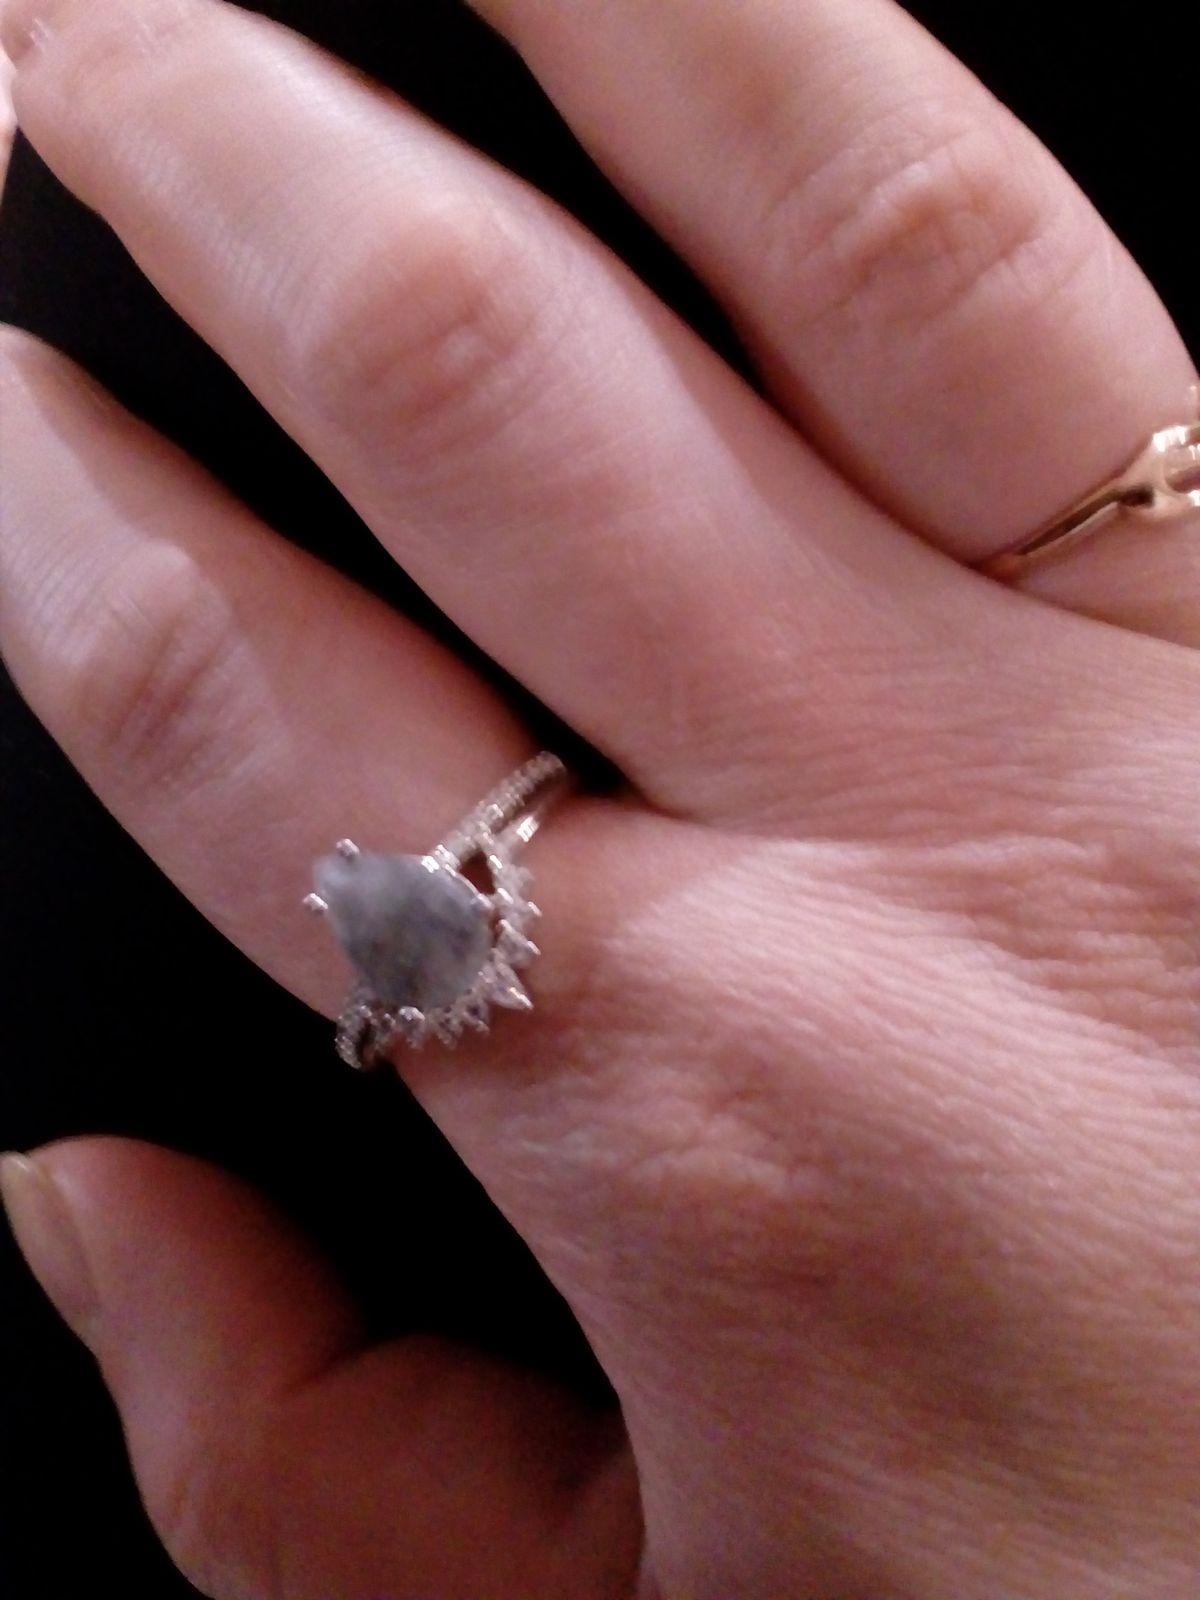 Кольцо класс!!!!! Подарила маме,ей понравилась кольцо. Камушек смотрится оч